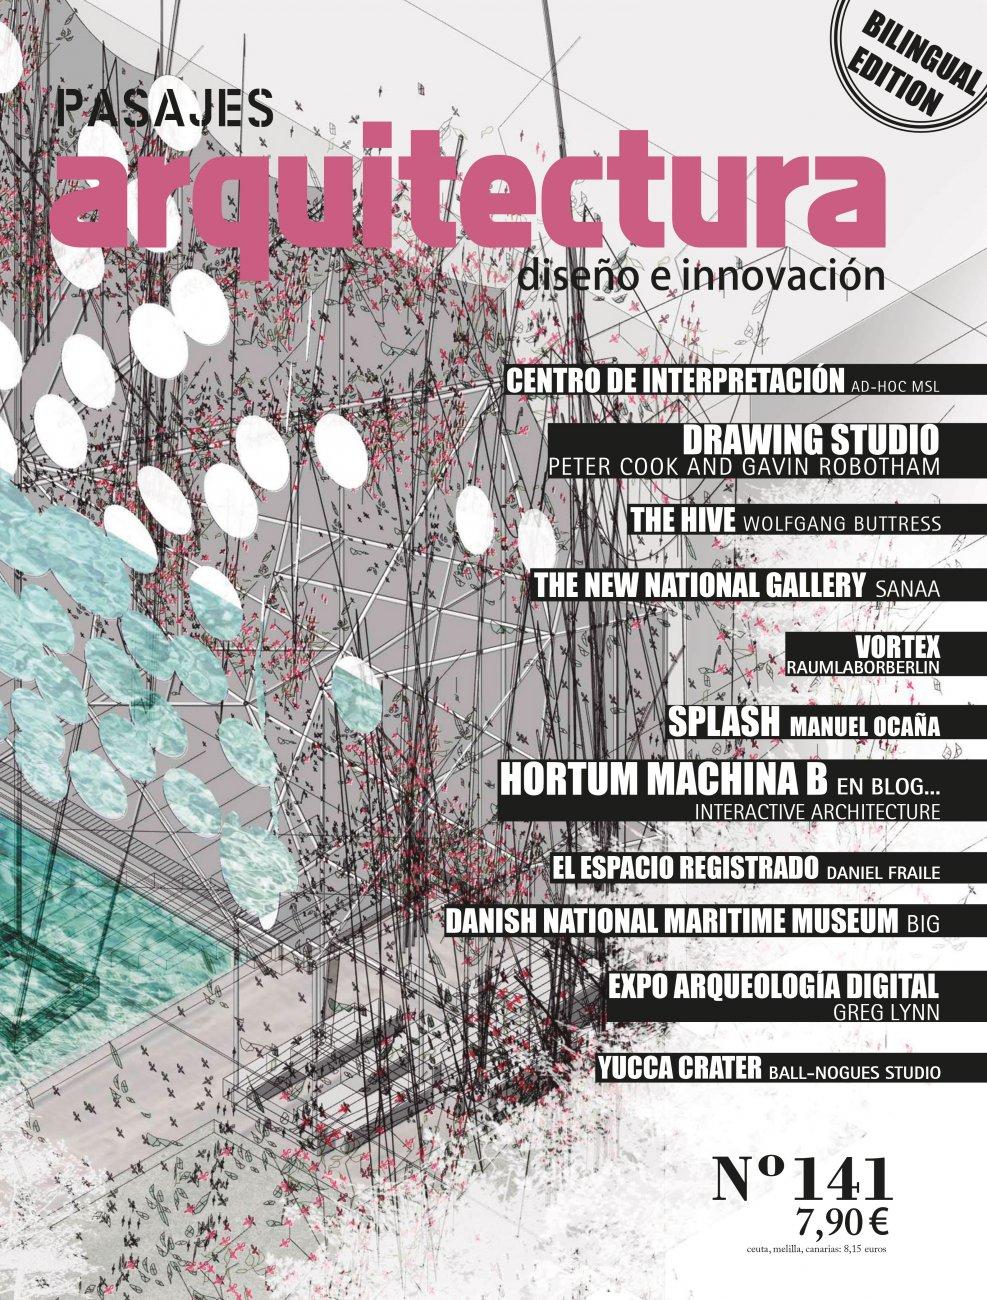 Pasajes Arquitectura - diseño e innovación - N°141 / october 2016 / Pasajes Arquitectura